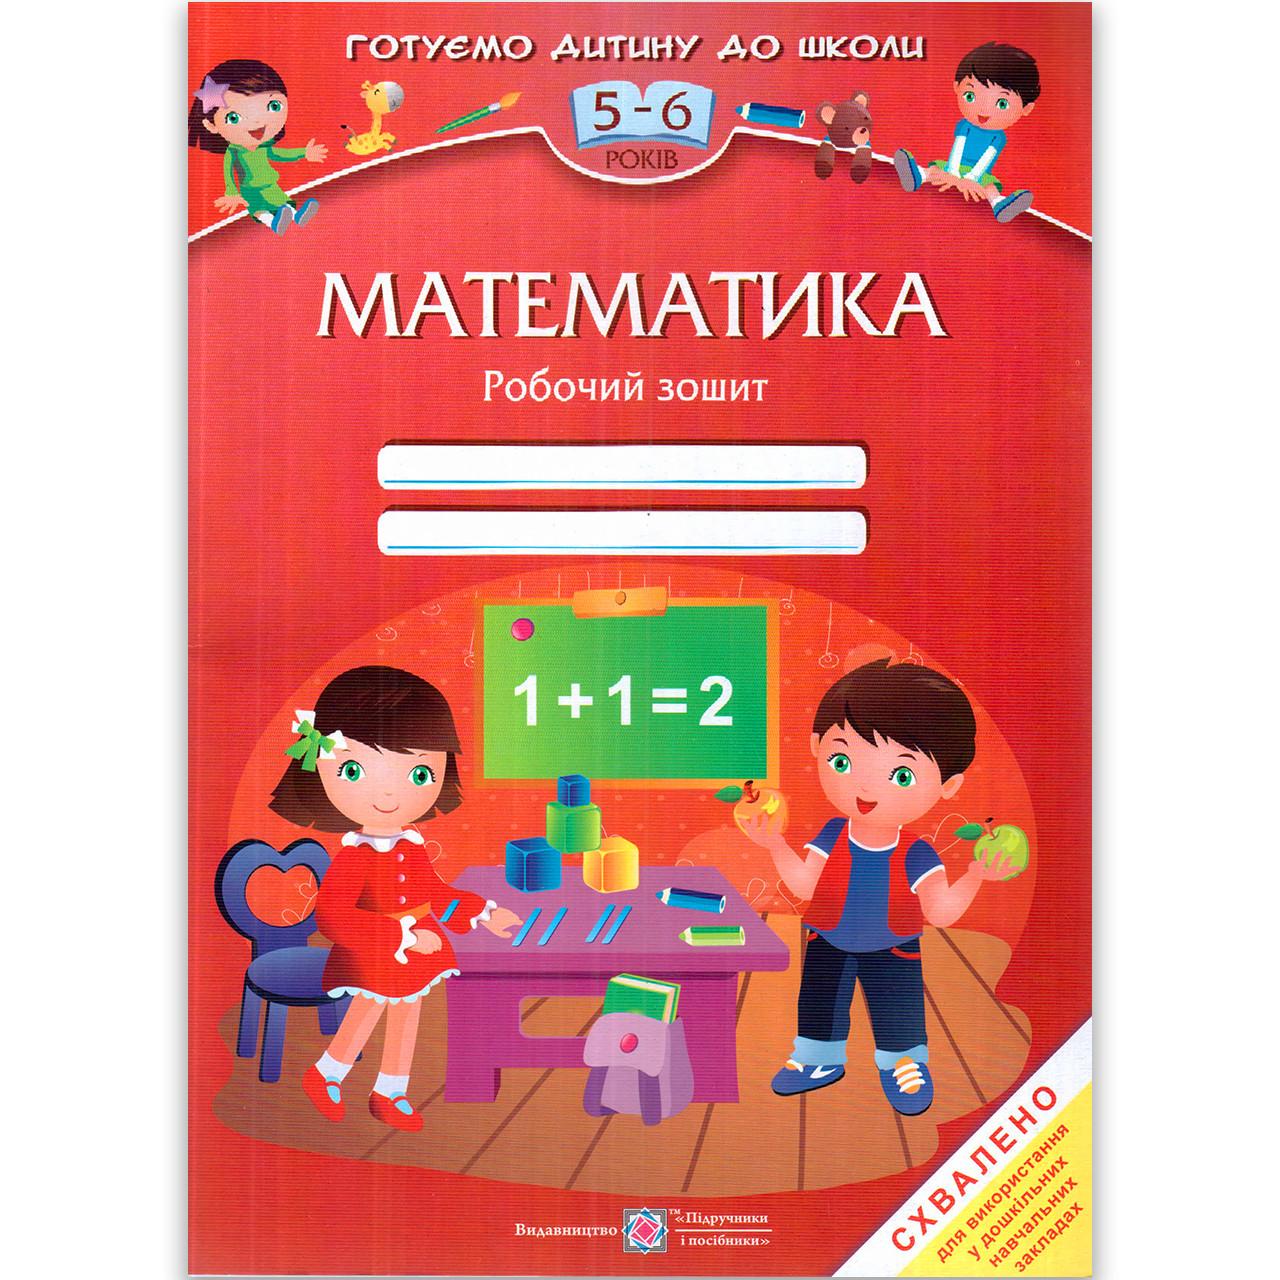 Математика Робочий зошит 5-6 років Авт: Вознюк Л. Вид: Підручники і Посібники